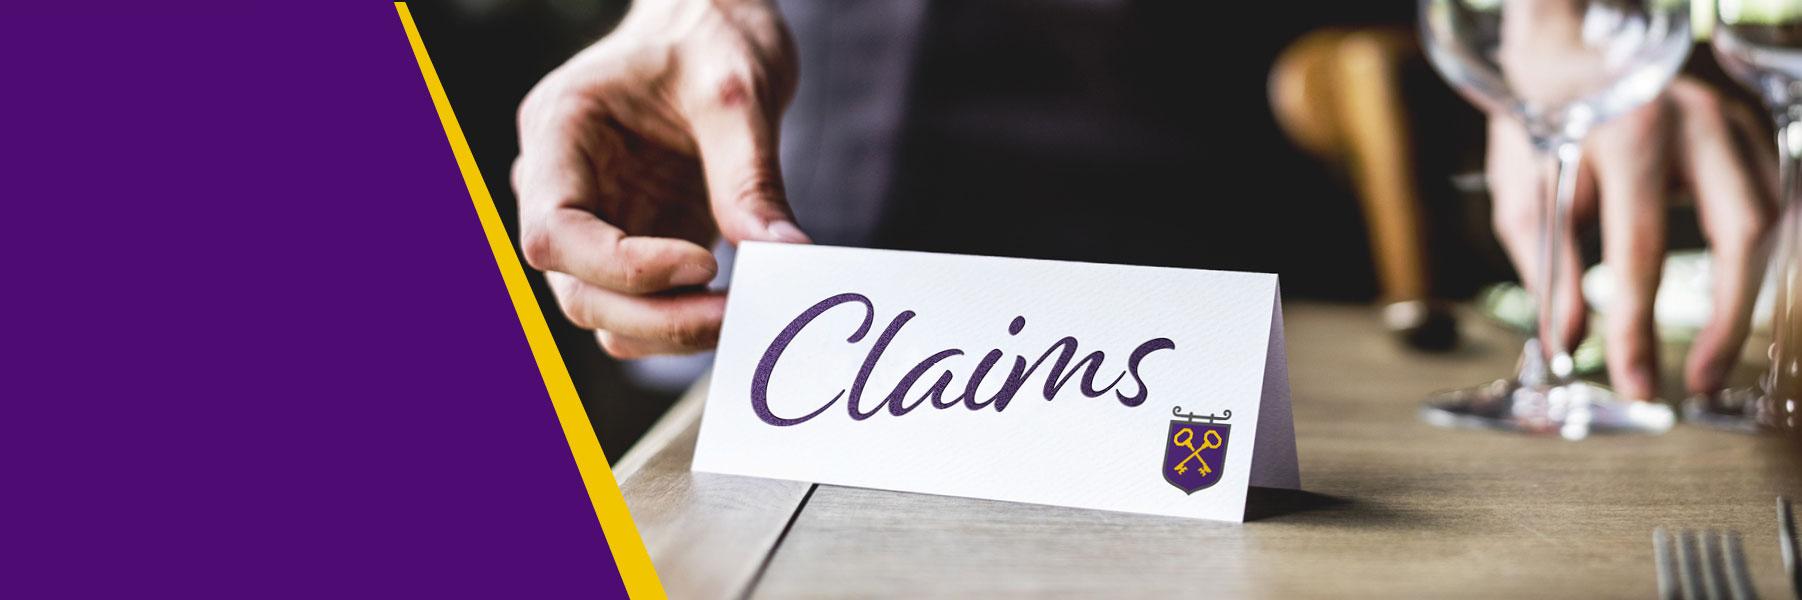 Make a Claim